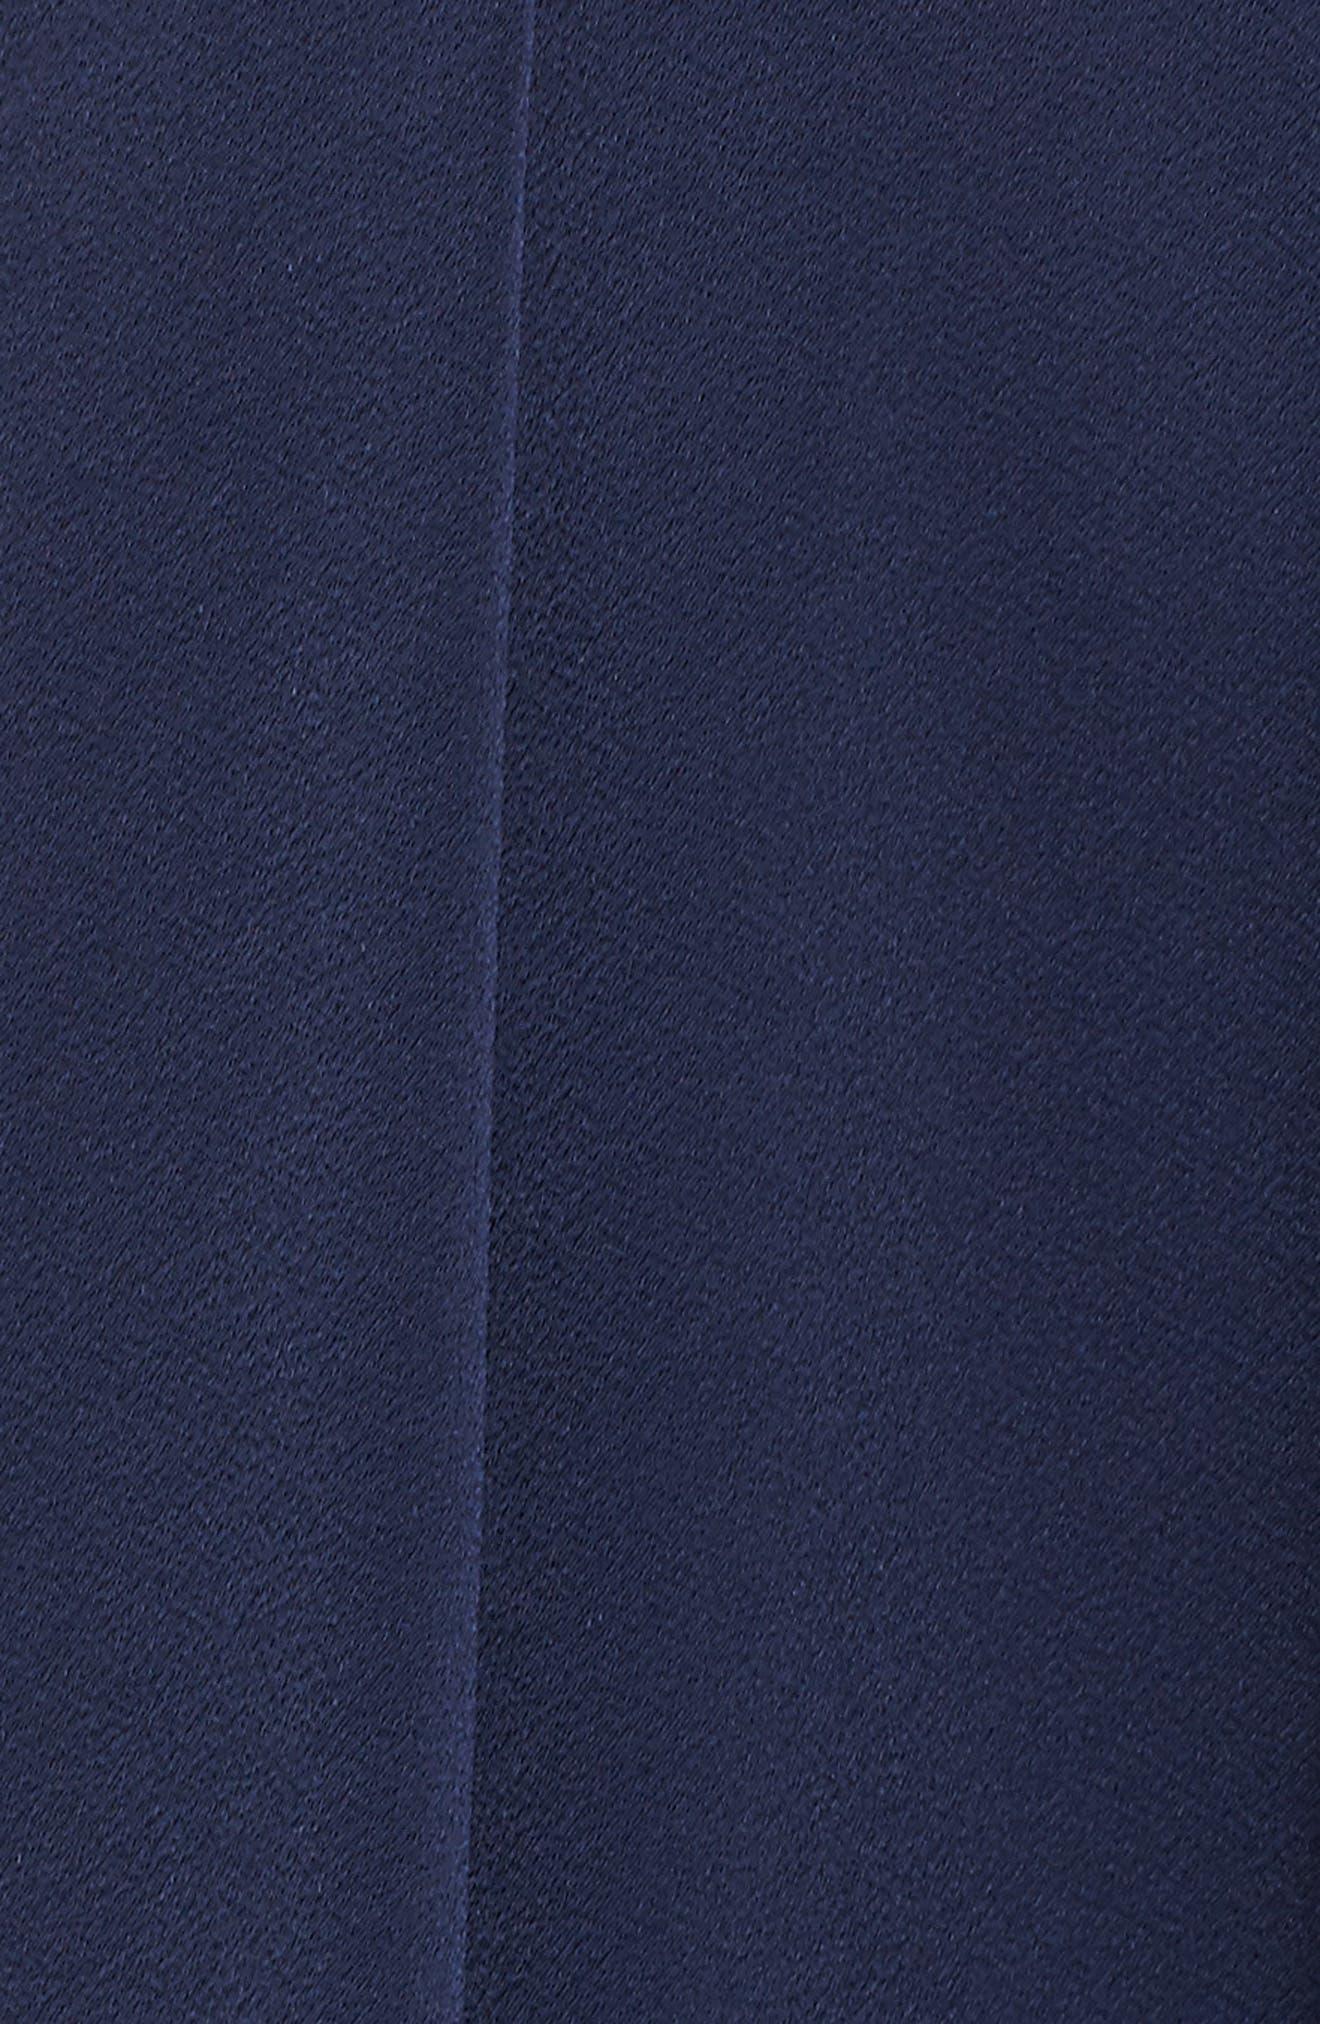 Allachie Lace & Crepe High/Low Midi Dress,                             Alternate thumbnail 5, color,                             414